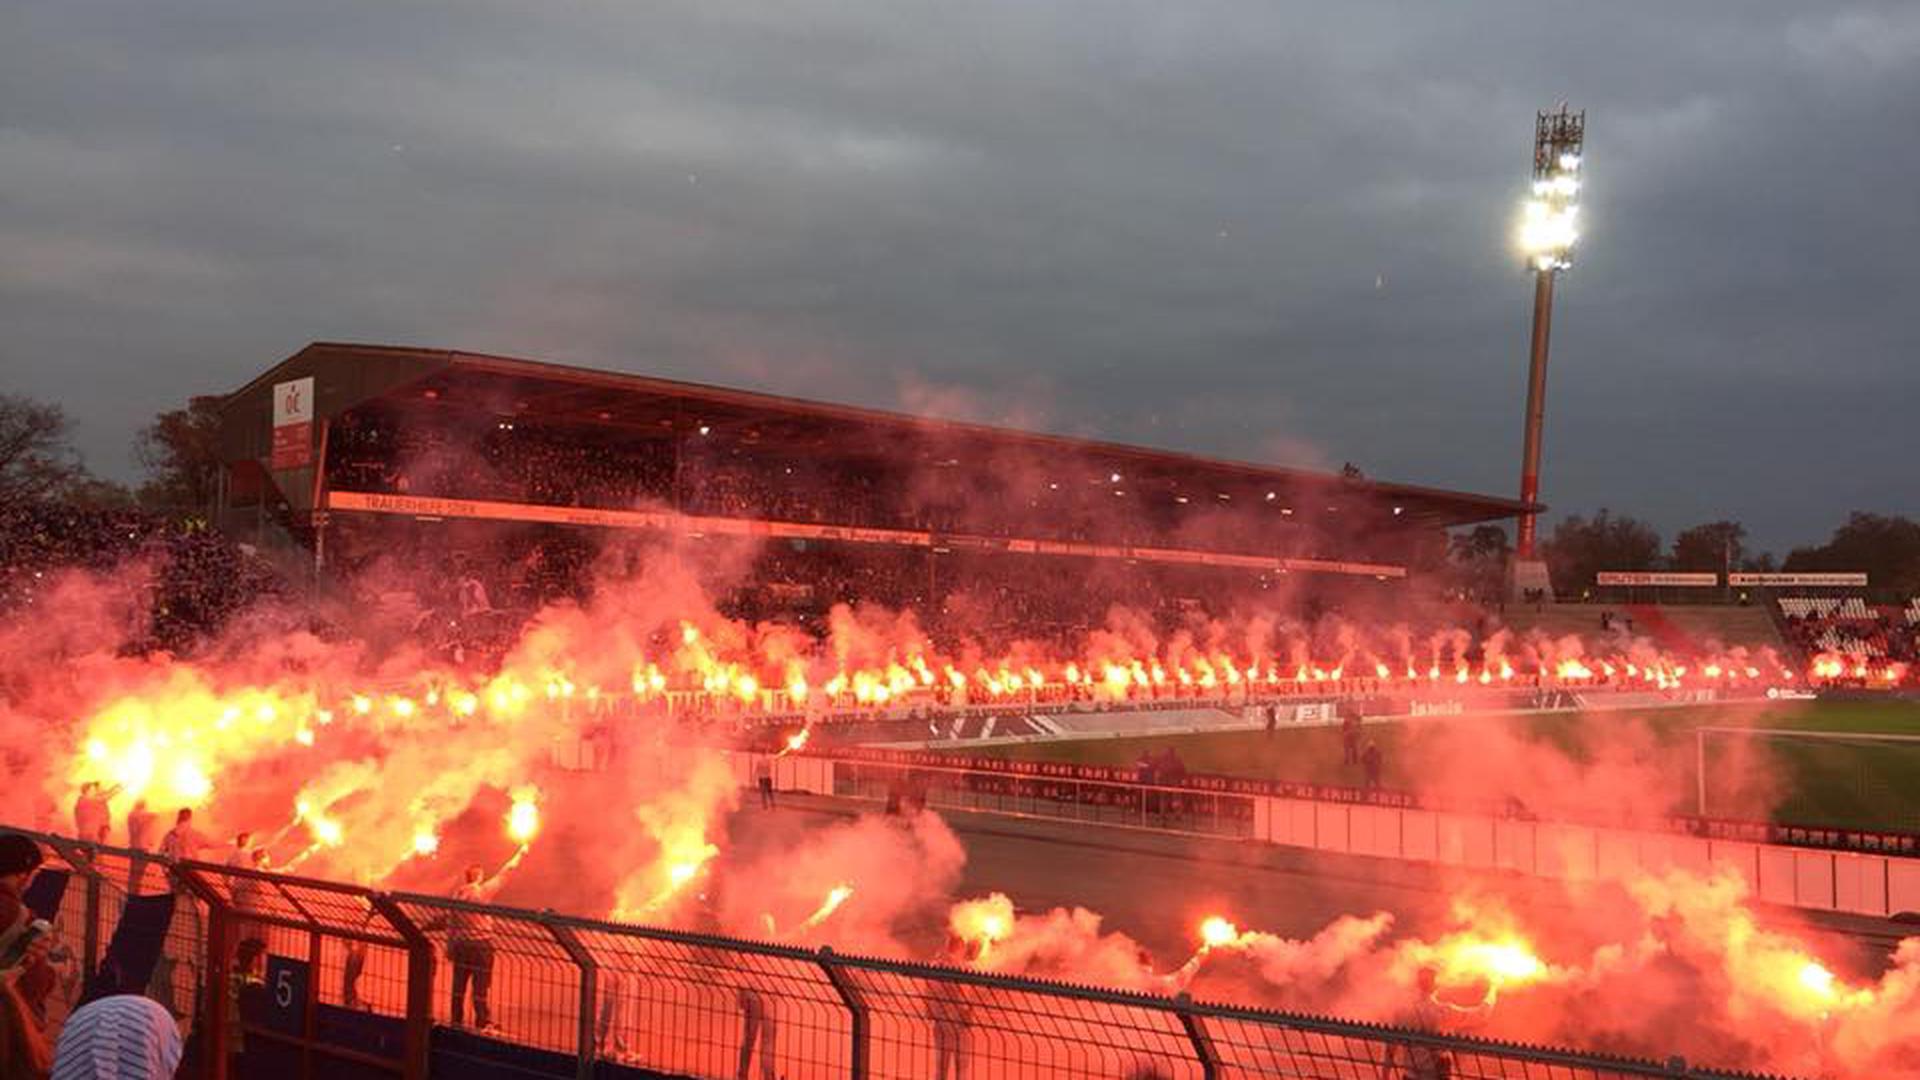 Besonderes Abschiedsgeschenk: Erlaubte Bengalos im Wildparkstadion.